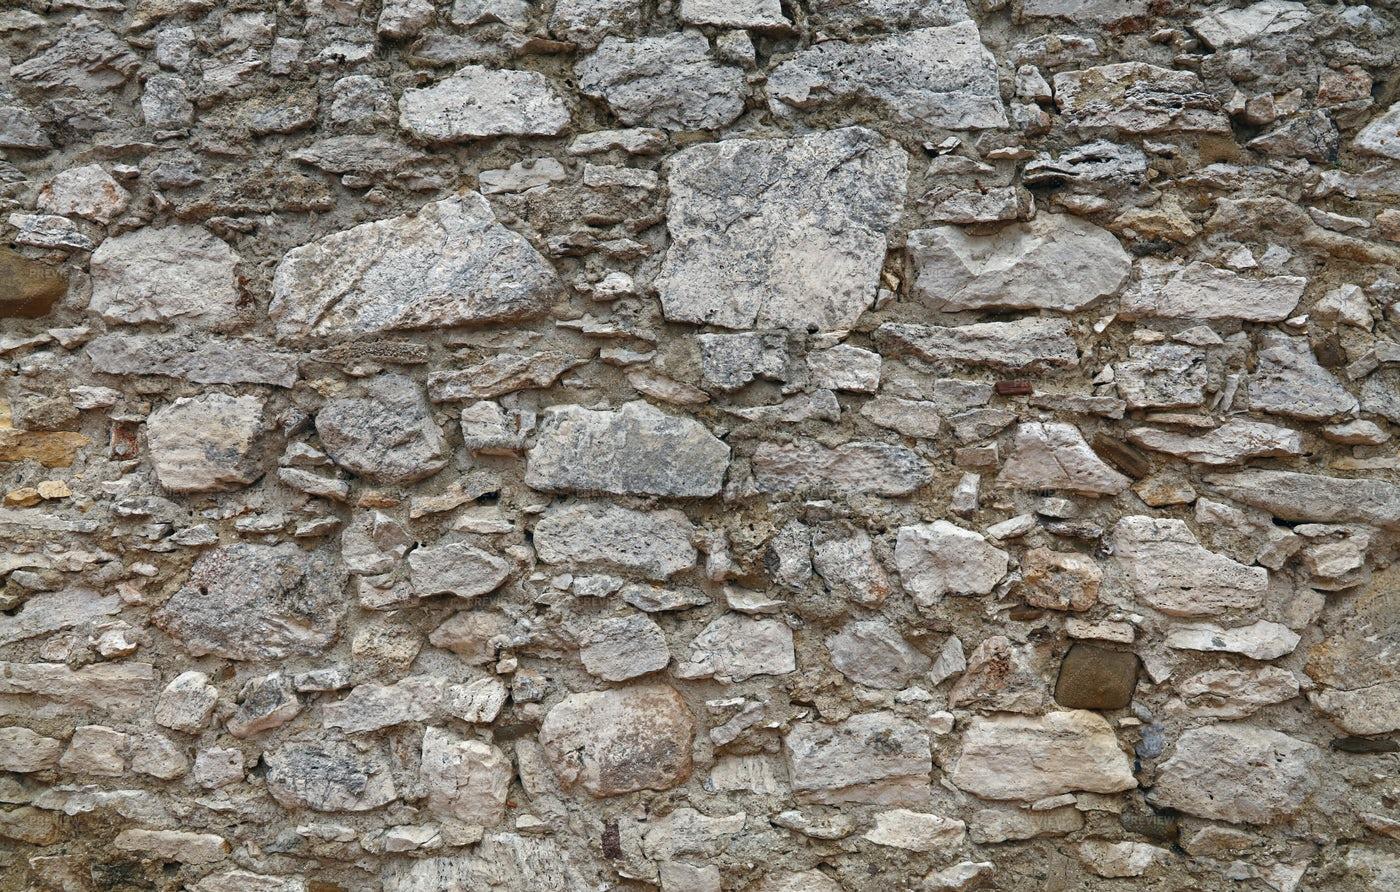 Old Gray Stone Wall: Stock Photos